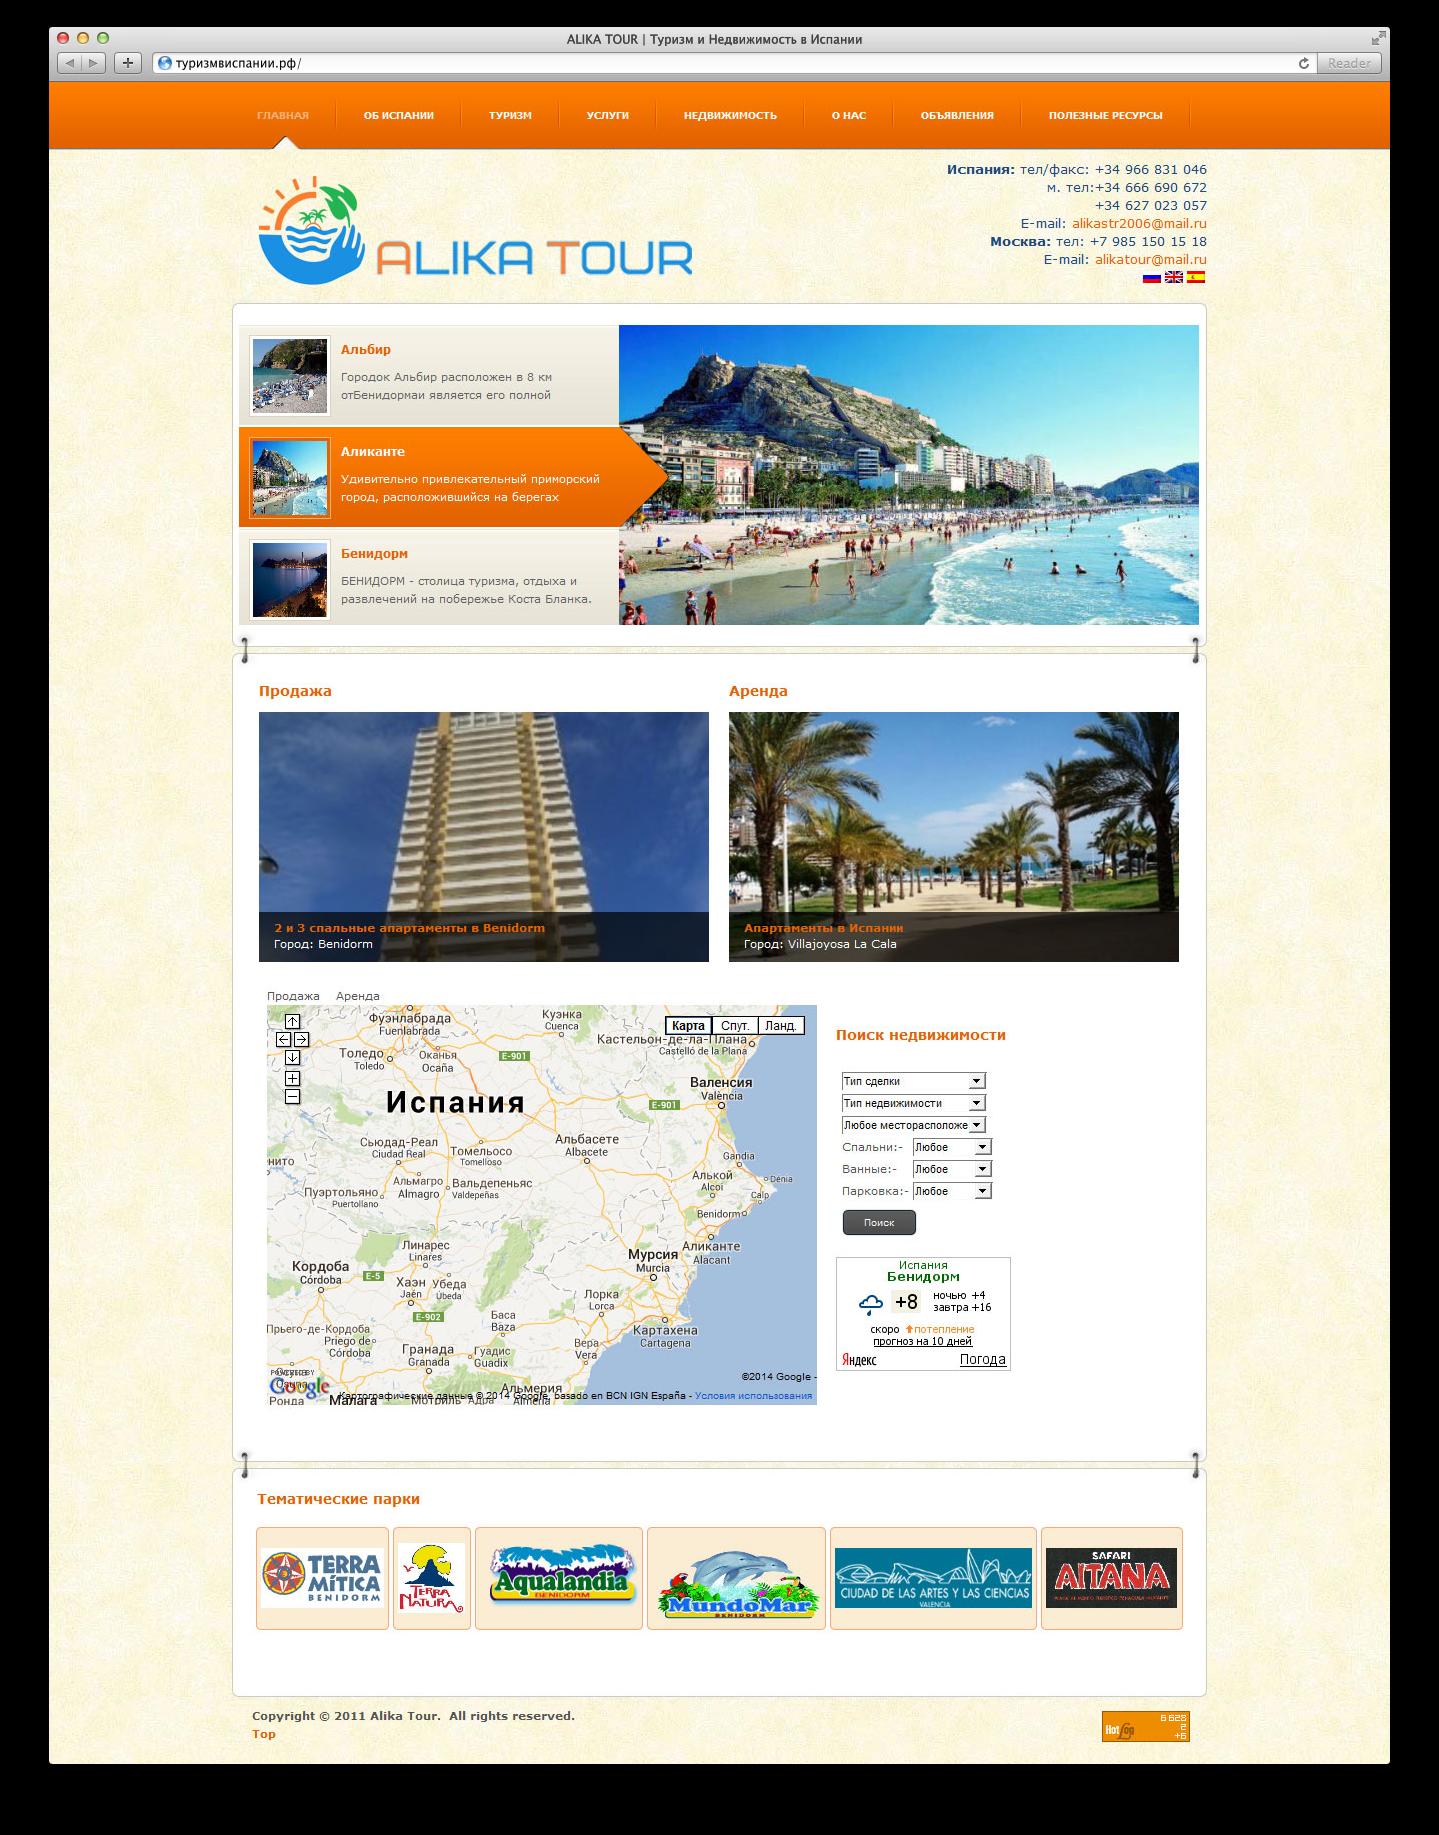 ALIKA TOUR | Туризм и Недвижимость в Испании